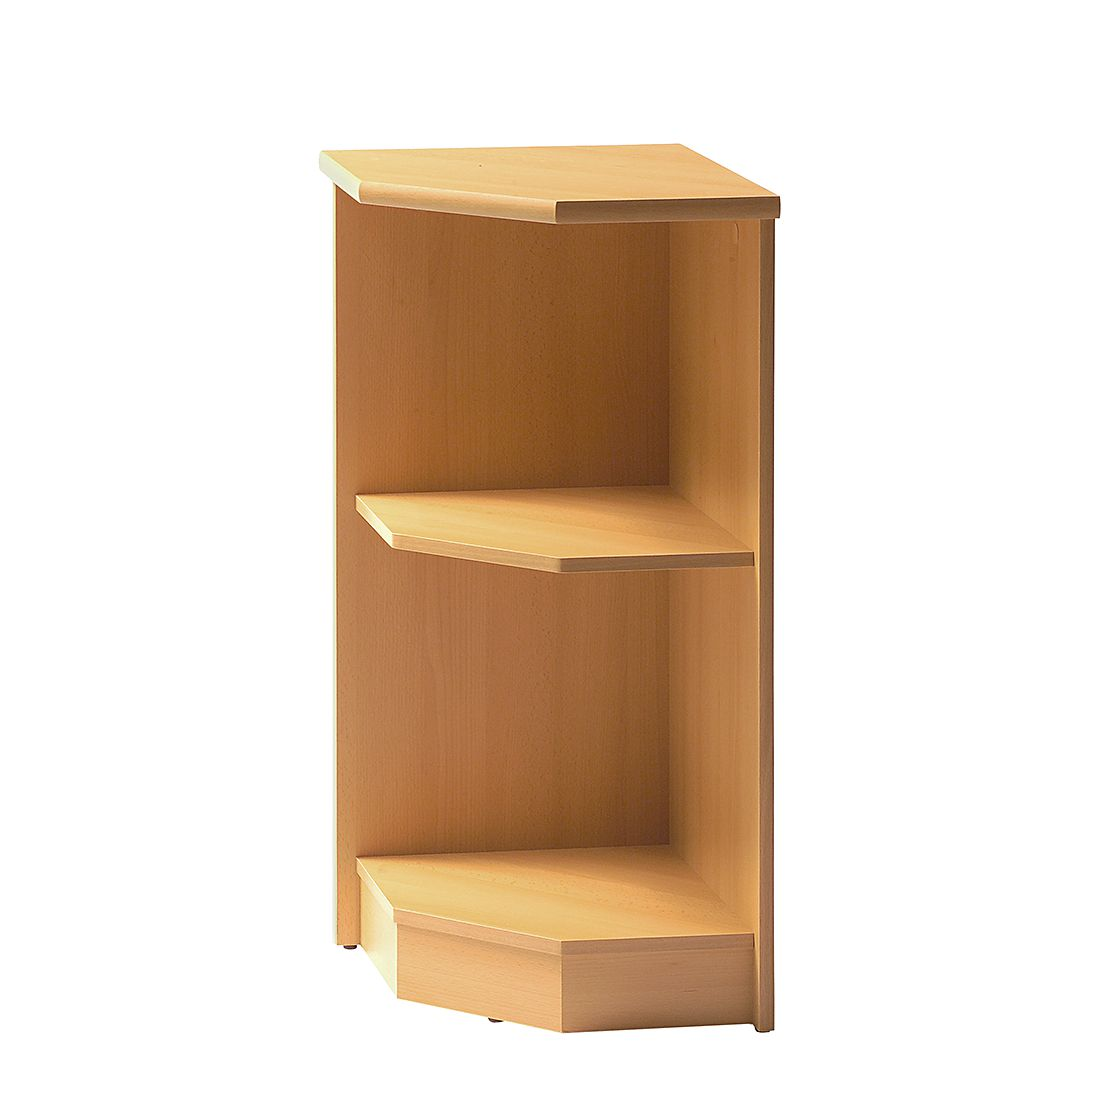 eckregal buche preis vergleich 2016 preisvergleicheu eckregal buche nachbildung. Black Bedroom Furniture Sets. Home Design Ideas